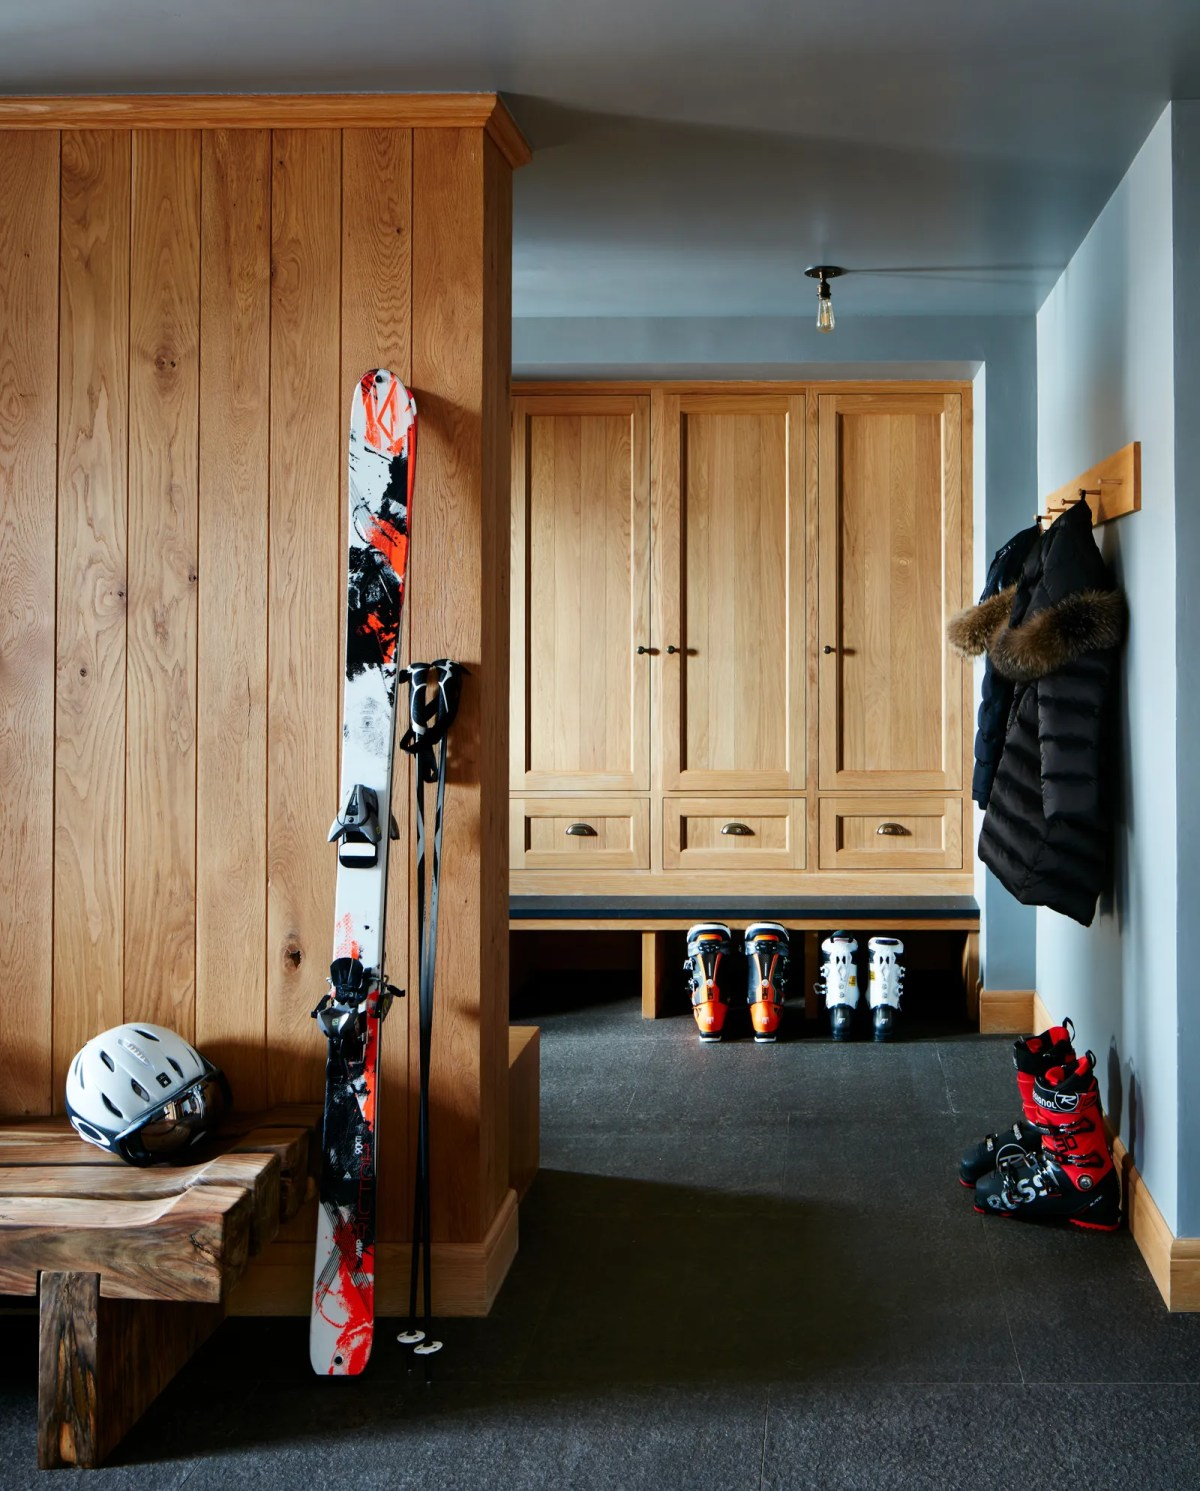 Сразу за входом Наннерли спроектировал раздевалку в деревенском стиле. Я окутал комнату той же Голубой елью ...